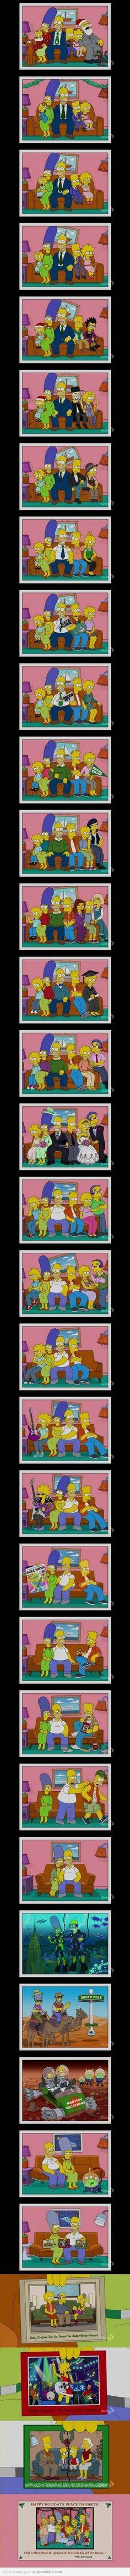 Simpsons! :]